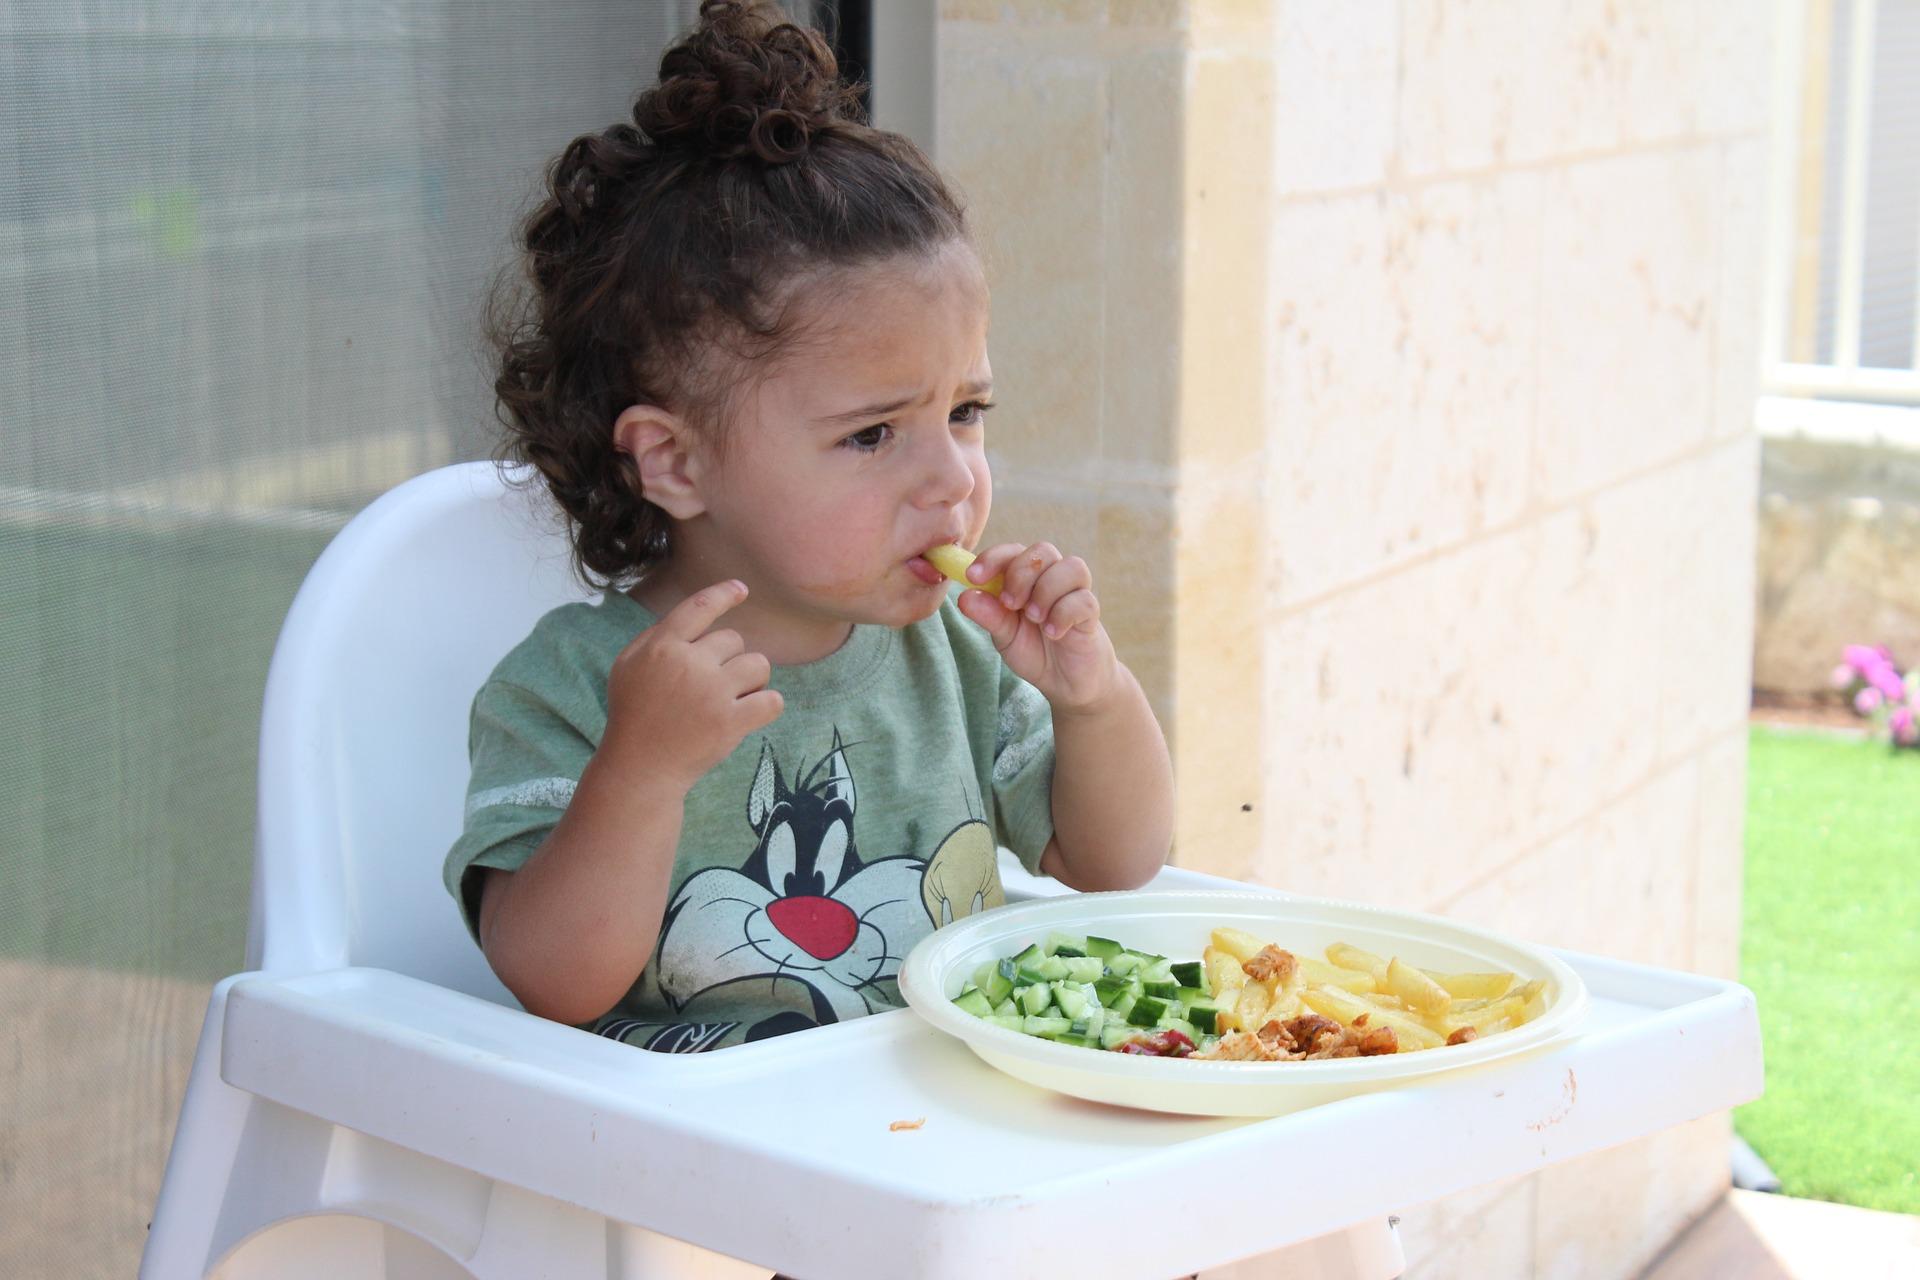 Meglepő tünetek is jelezhetnek ételallergiát gyermekeknél